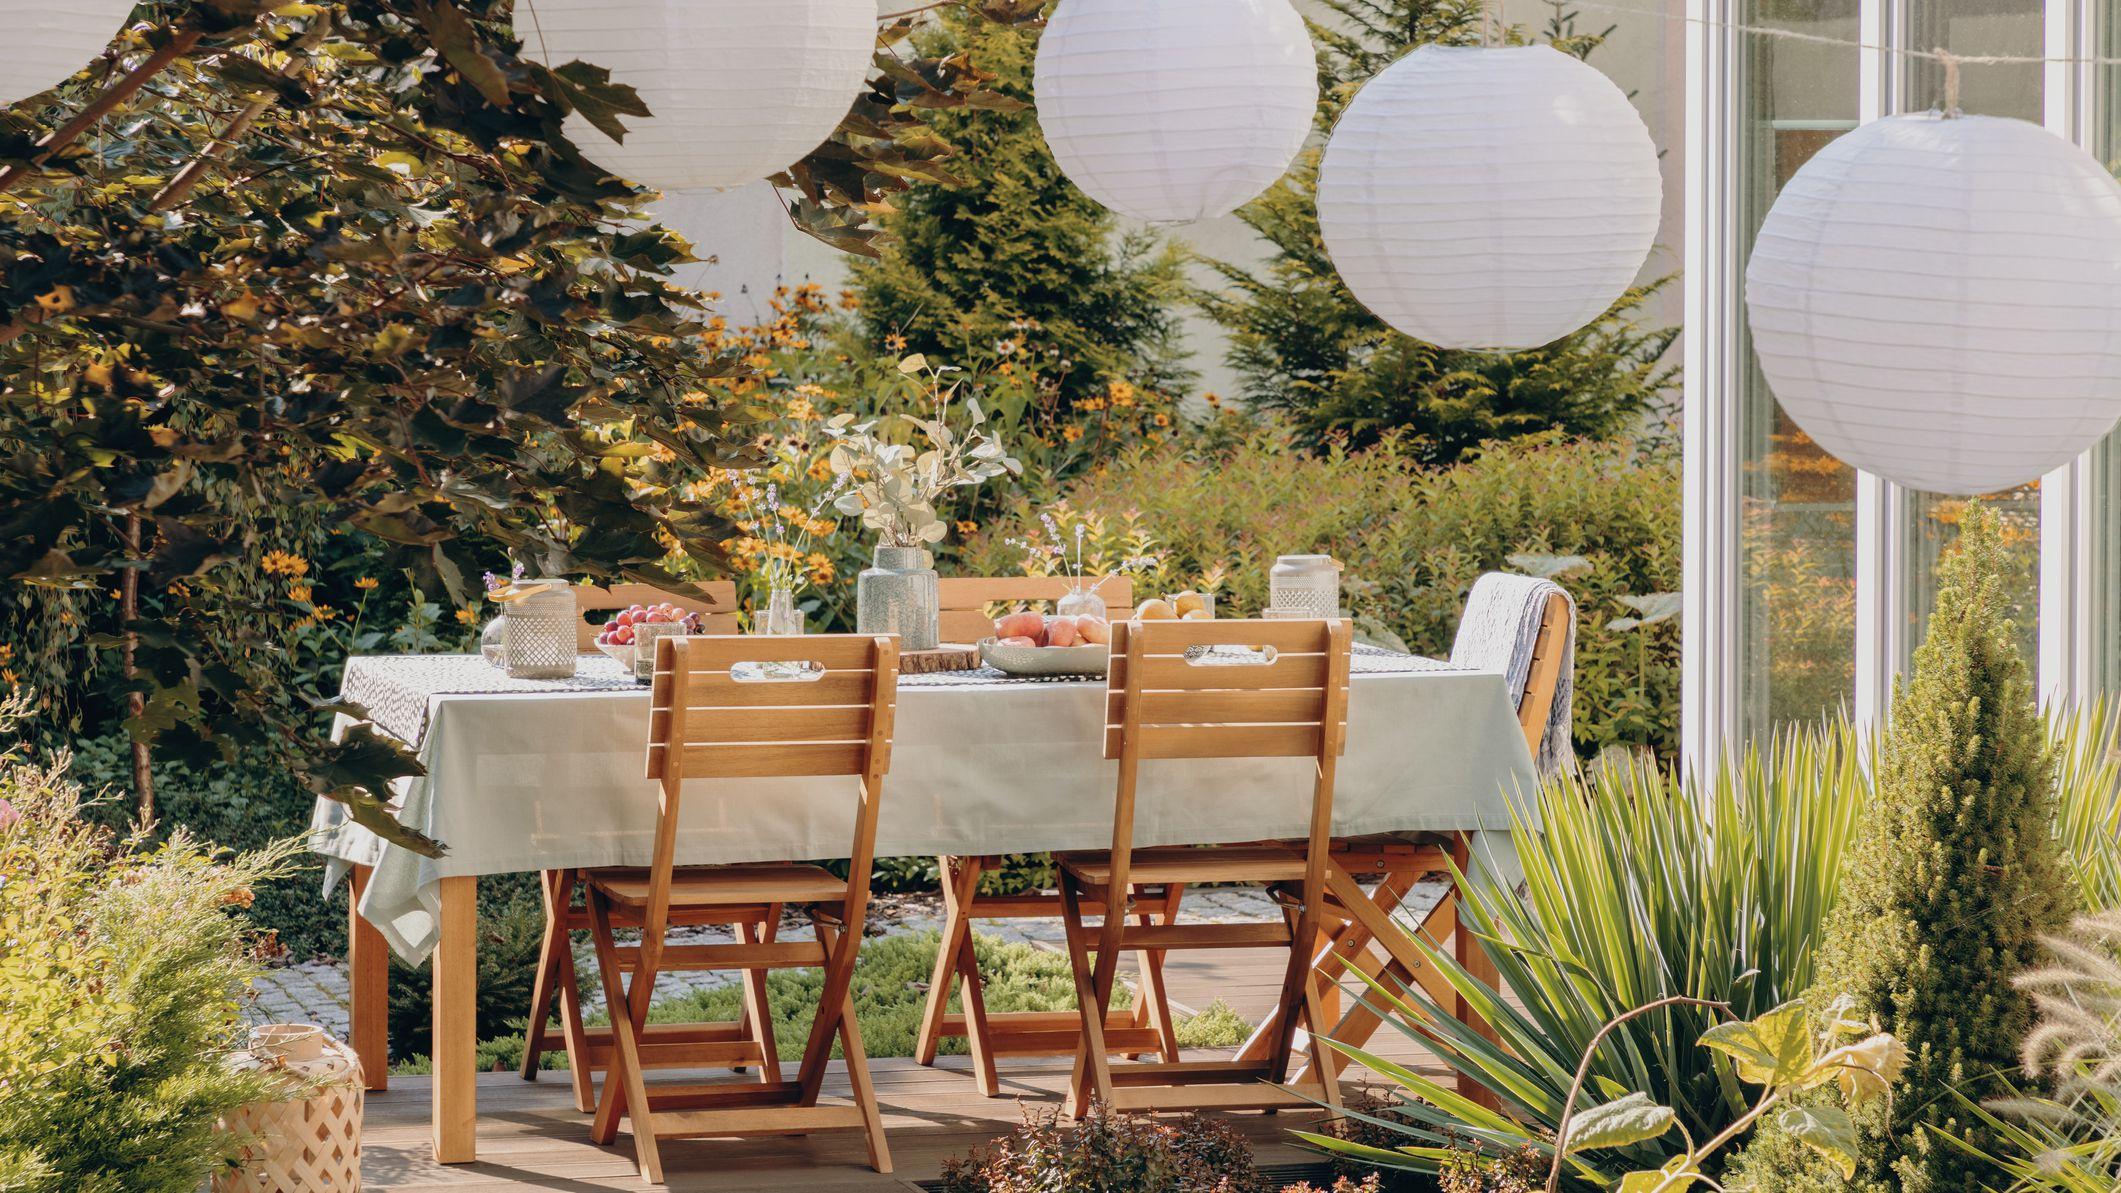 paper lantern decoration ideas.htm budget friendly outdoor decorating ideas  budget friendly outdoor decorating ideas